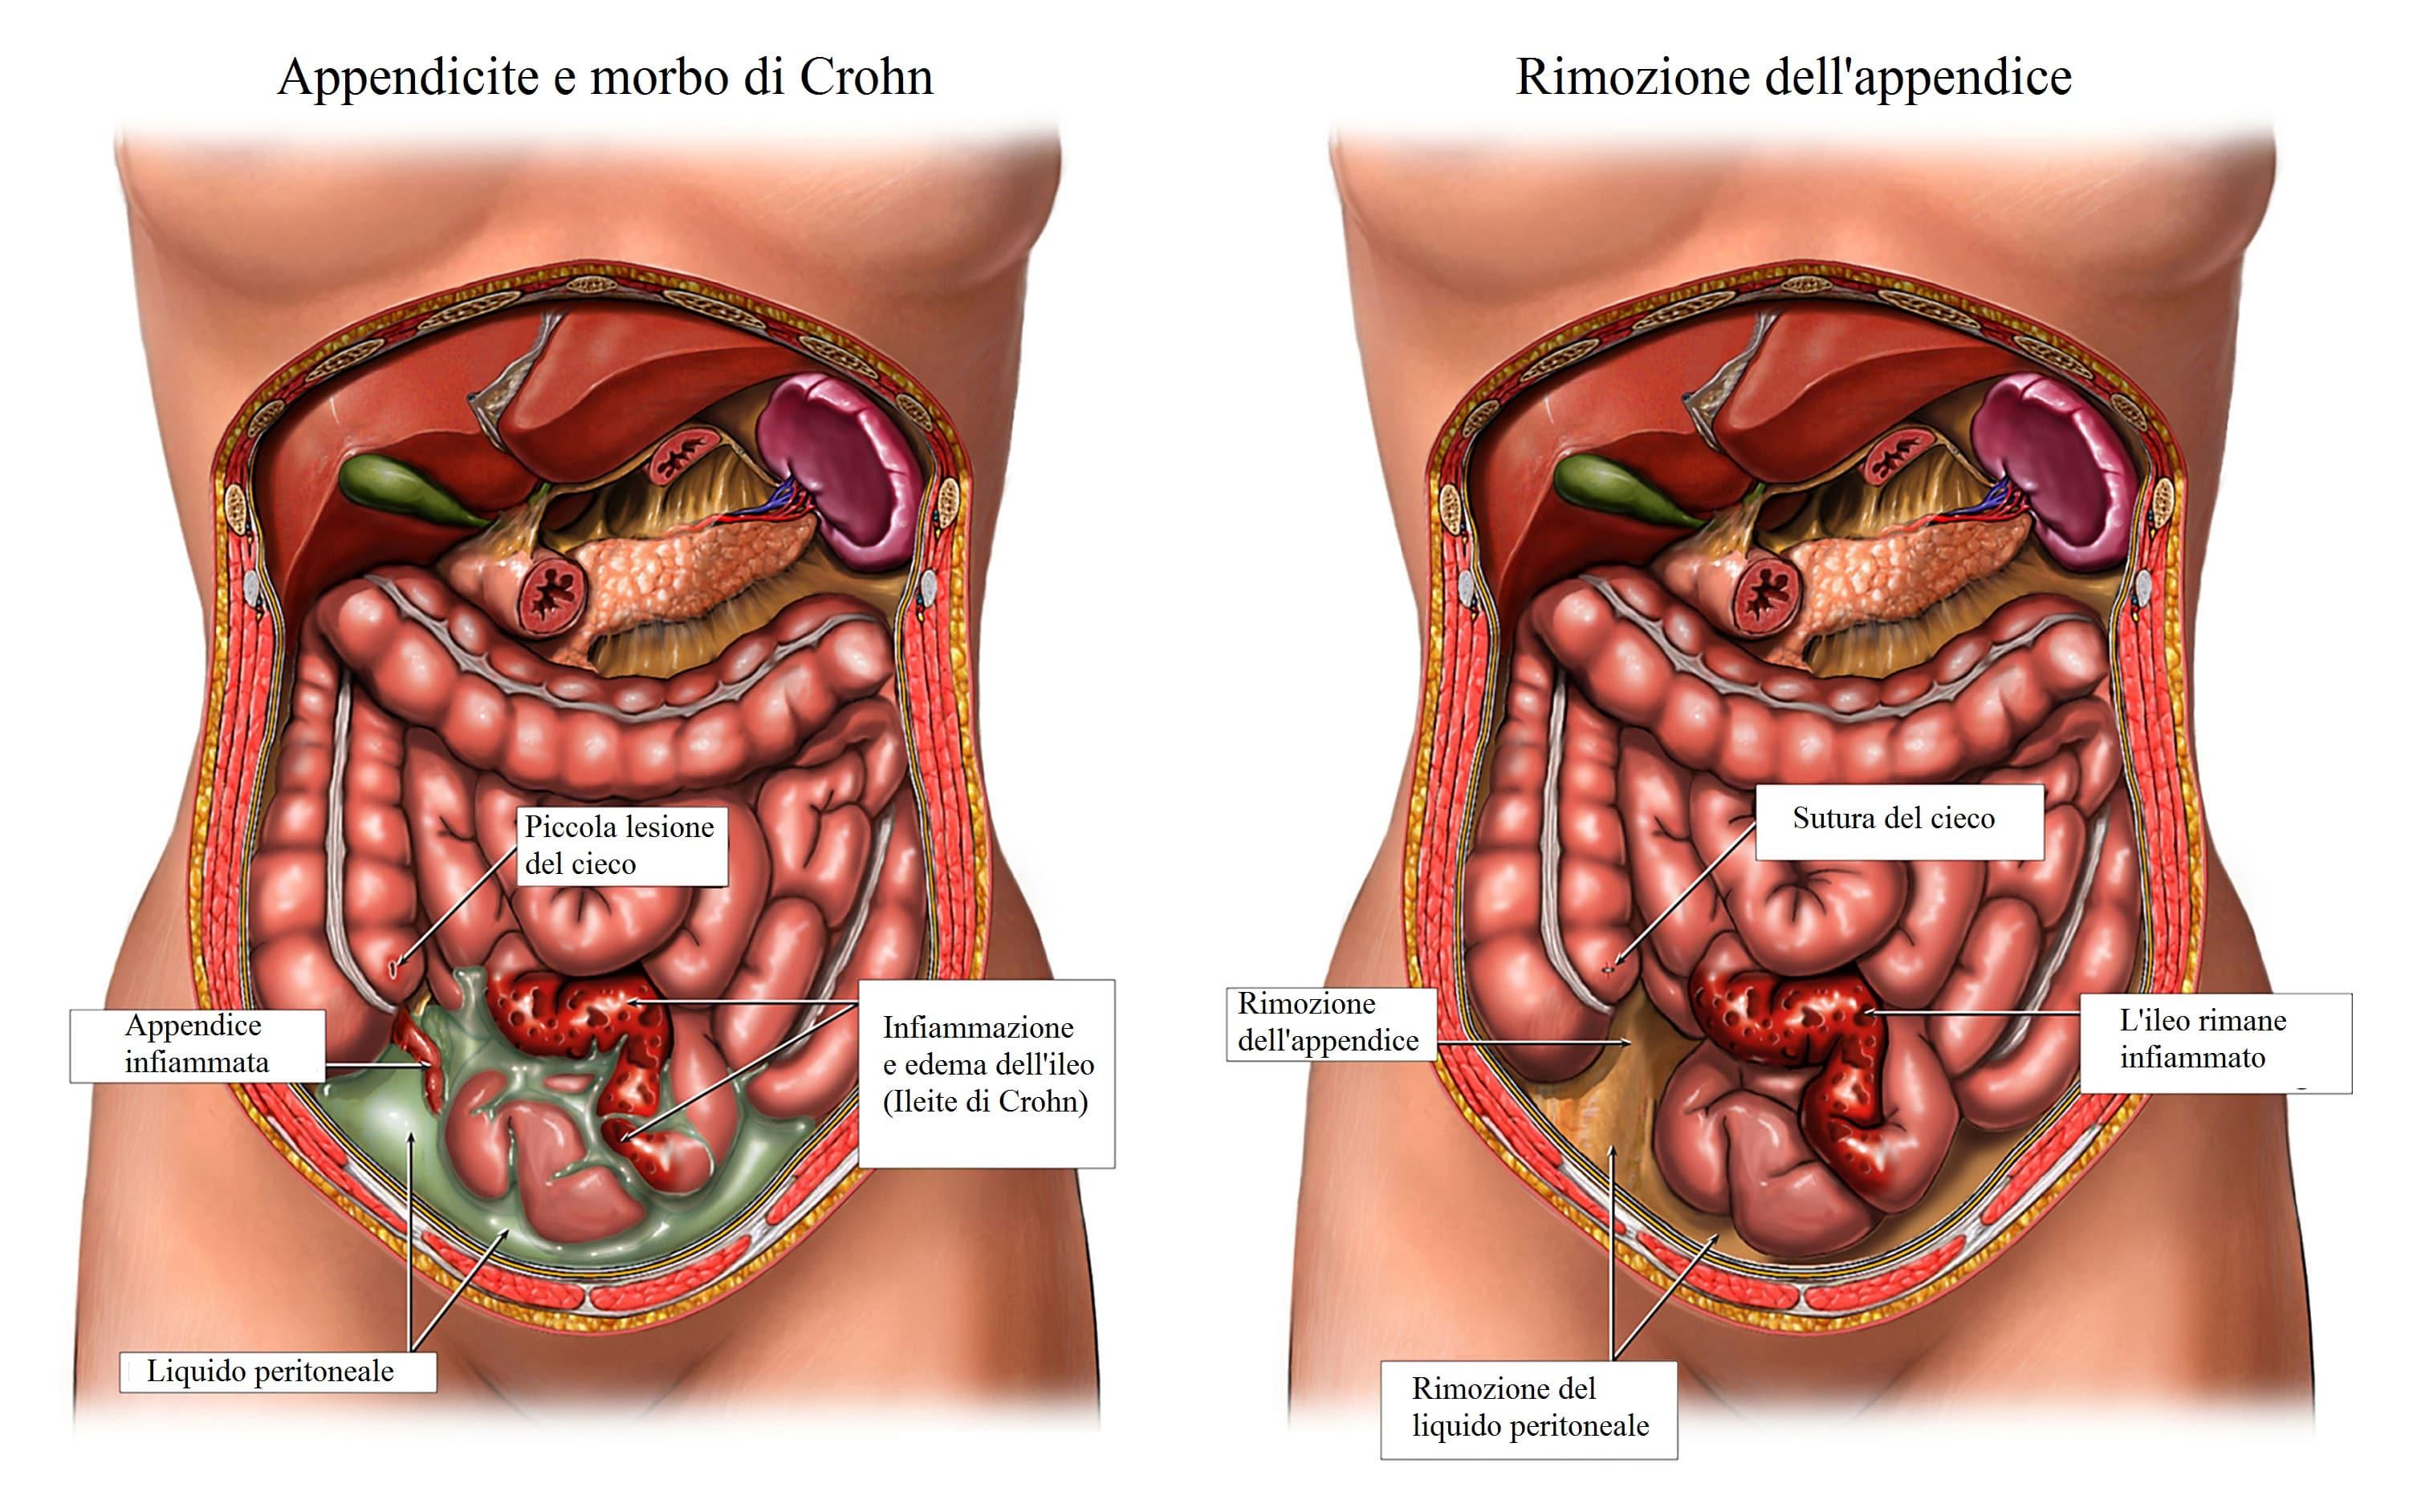 Appendicite,morbo di crohn,intervento chirurgico